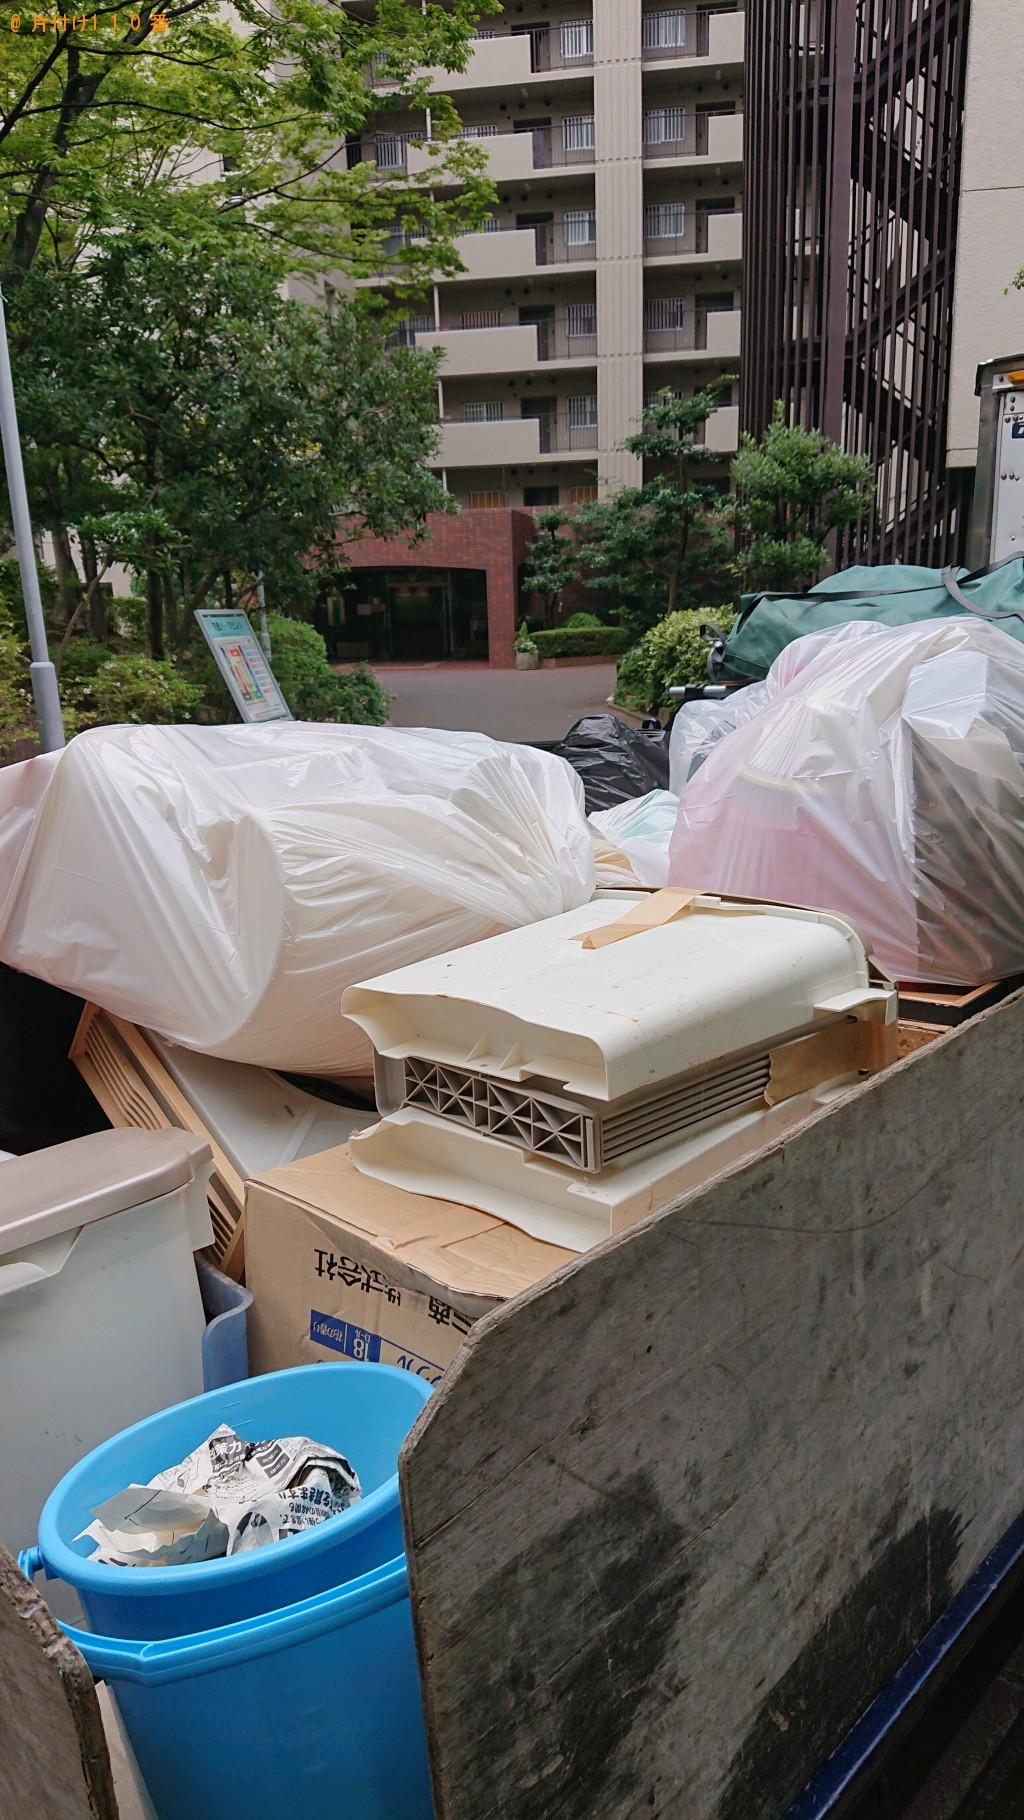 【葛城市】軽トラック1台程度の出張不用品の回収・処分ご依頼